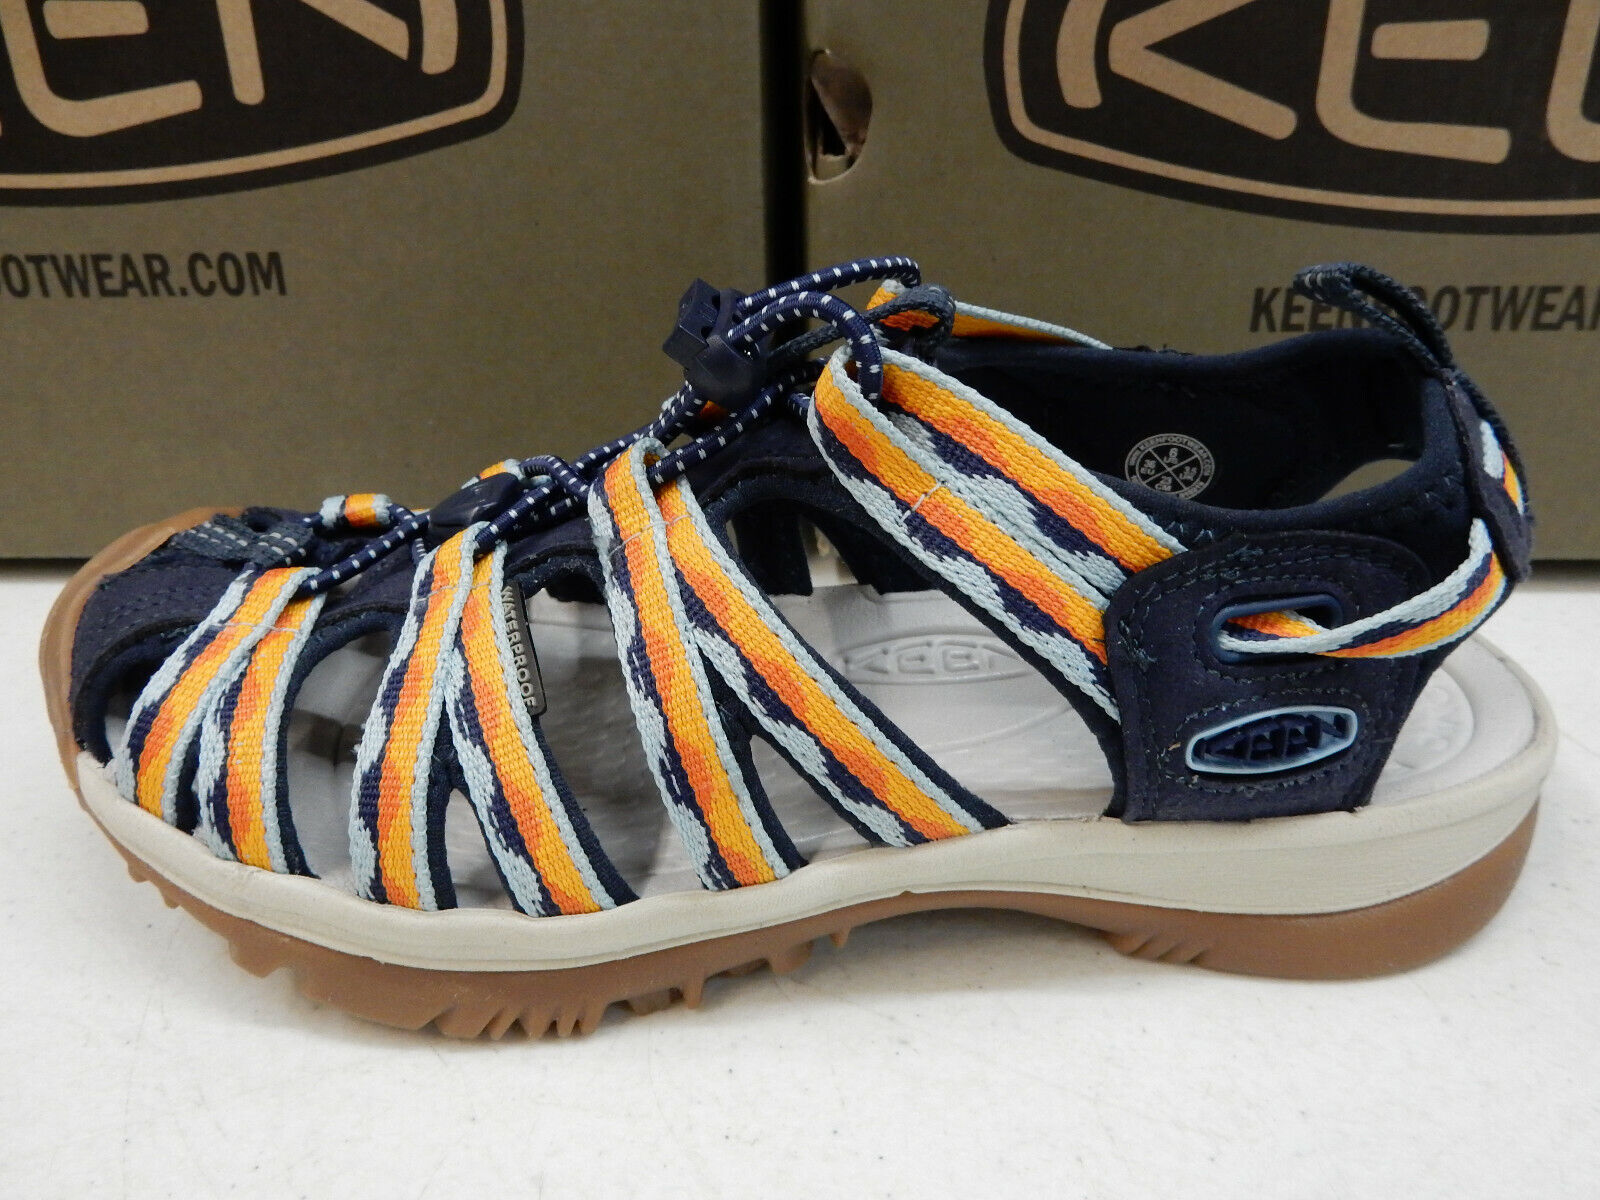 Keen Womens Whisper Navy bluee Glow Size 7